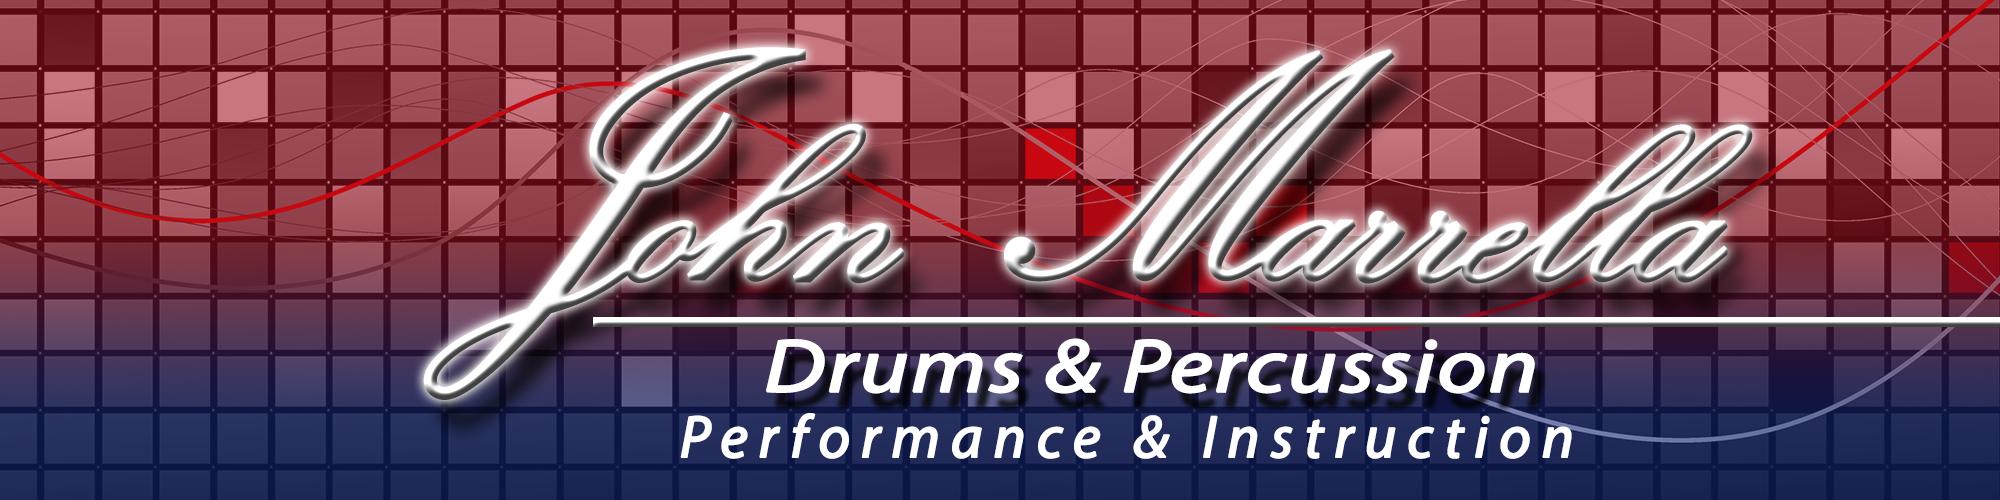 John Marrella Drummer